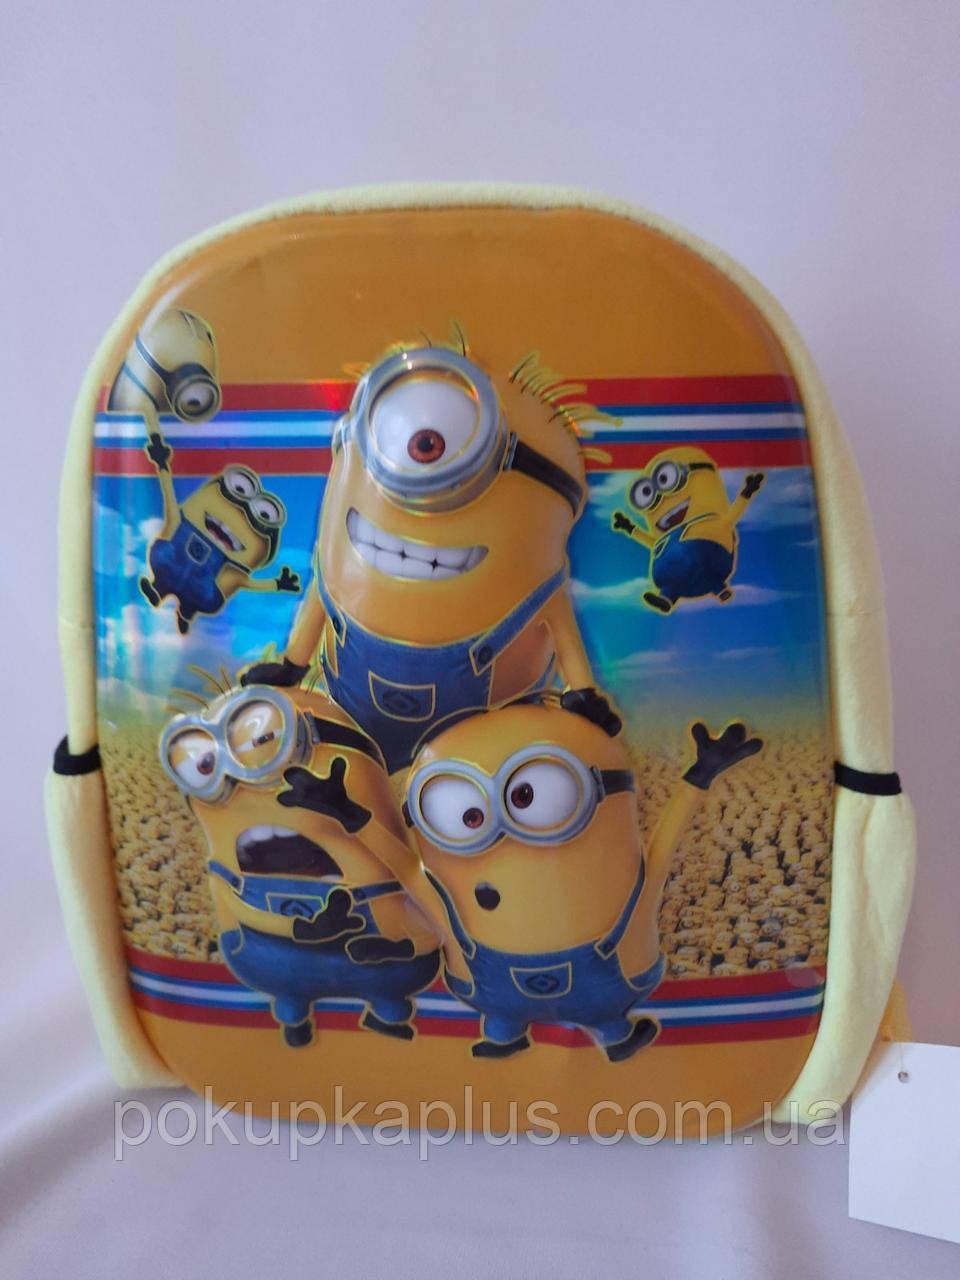 Детский рюкзак мягкий для мальчика Миньон желтый Код К-3 ДЕФЕКТ